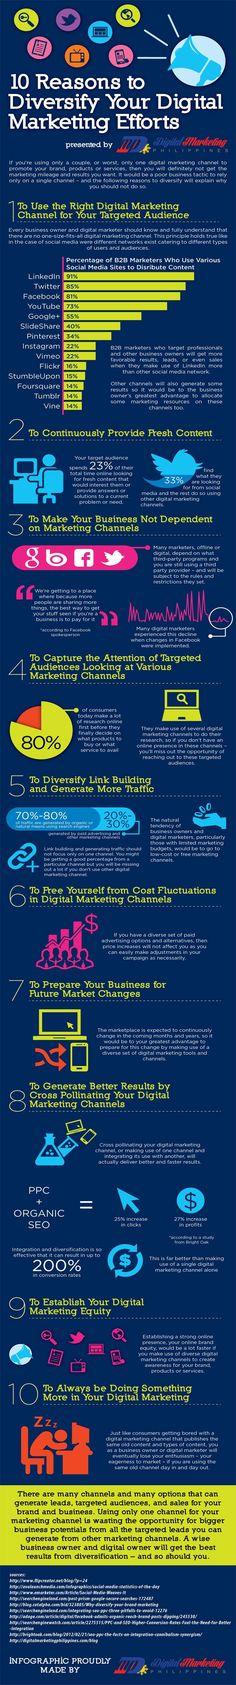 10 Razones para diversificar tu Marketing Digital  #infographic